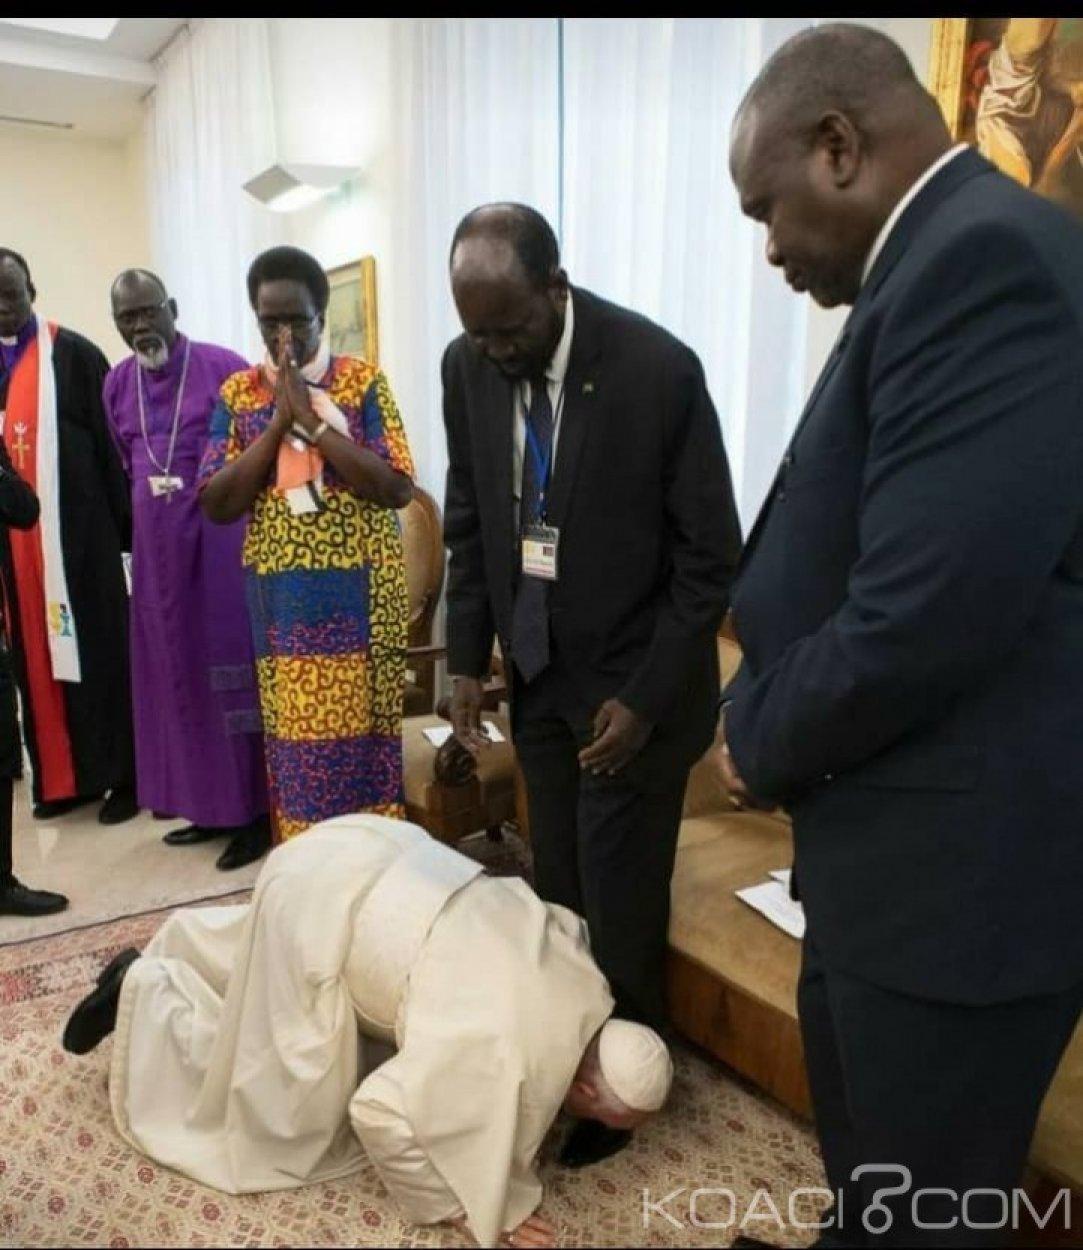 Soudan du Sud:  Au Vatican, le pape embrasse les pieds des deux belligérants